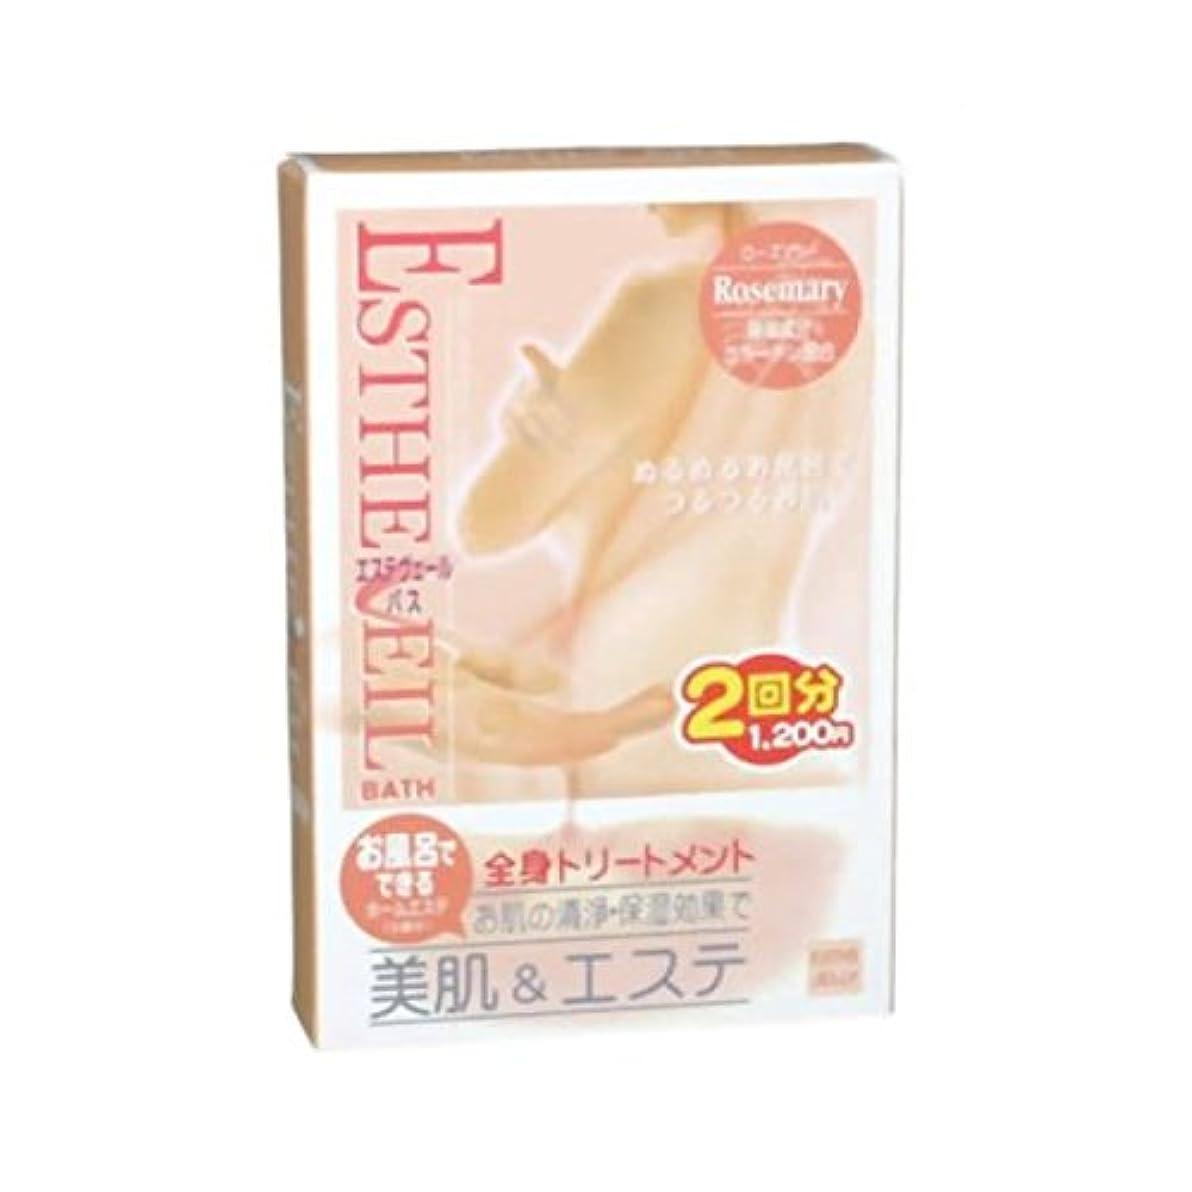 ロータリー後者日焼け【お徳用 2 セット】 エステヴェールバス ミルキーローズマリー(入浴剤)×2セット